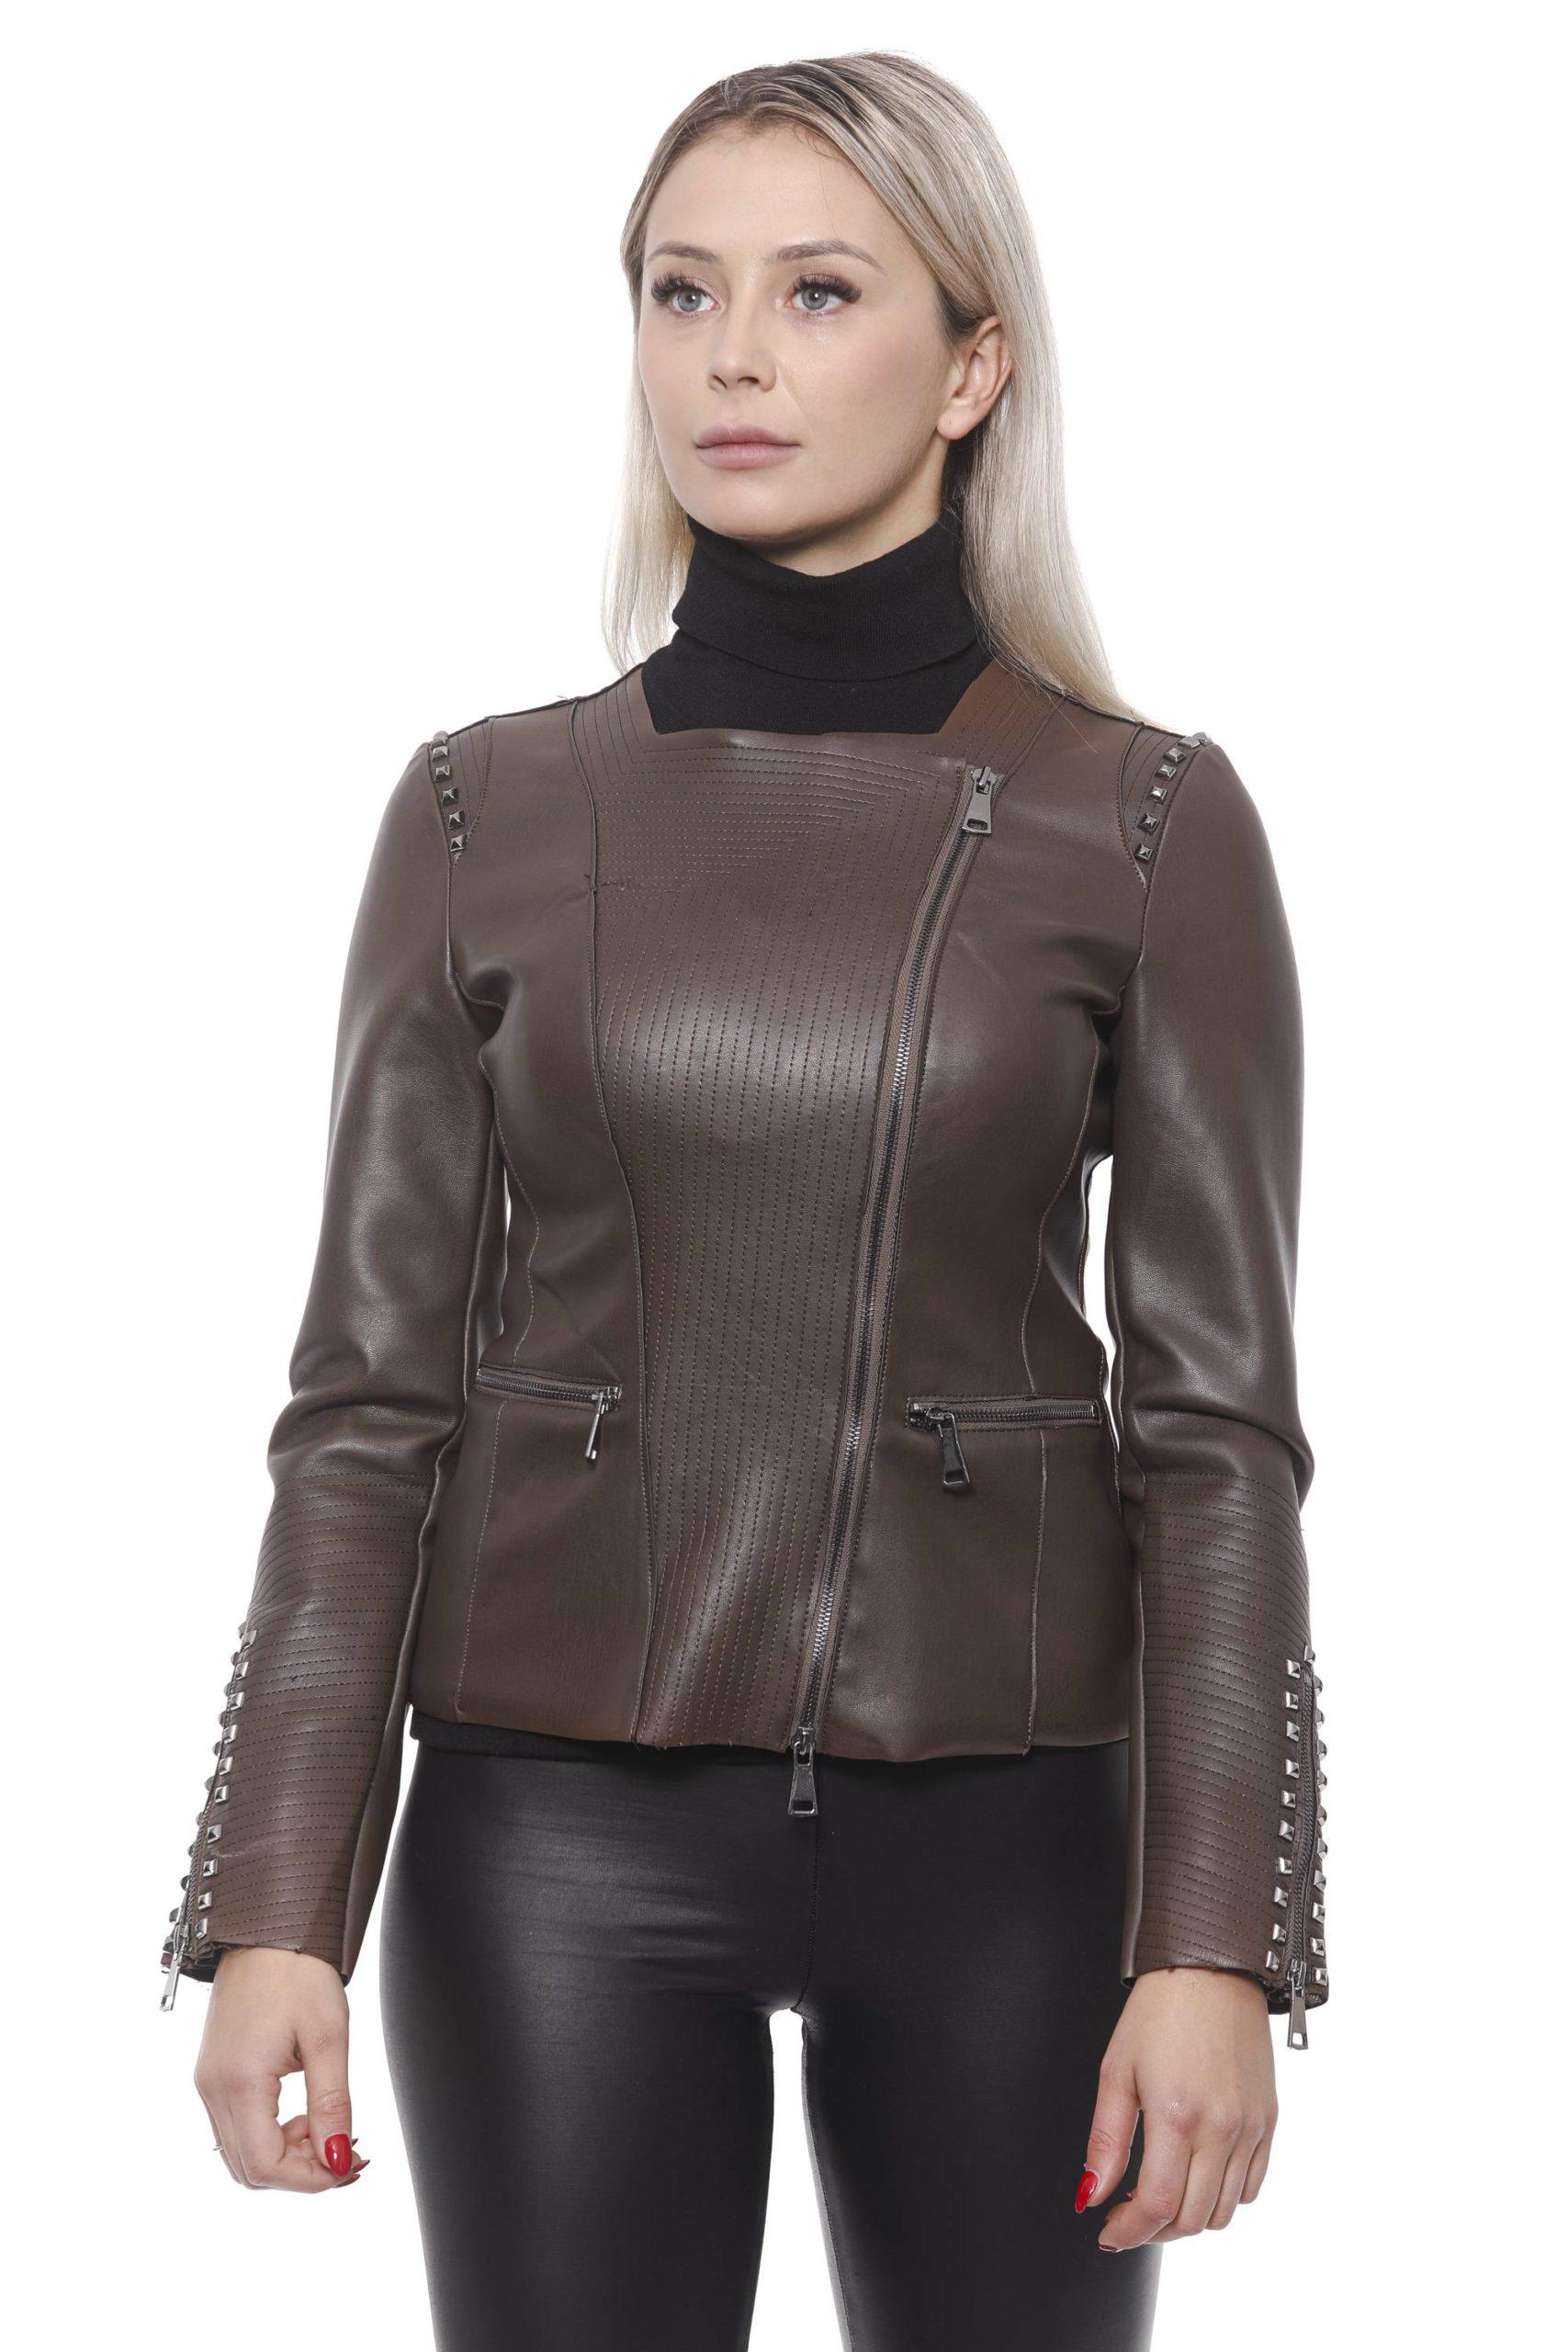 19V69 Italia Women's Marrone Jacket 191388474 - M